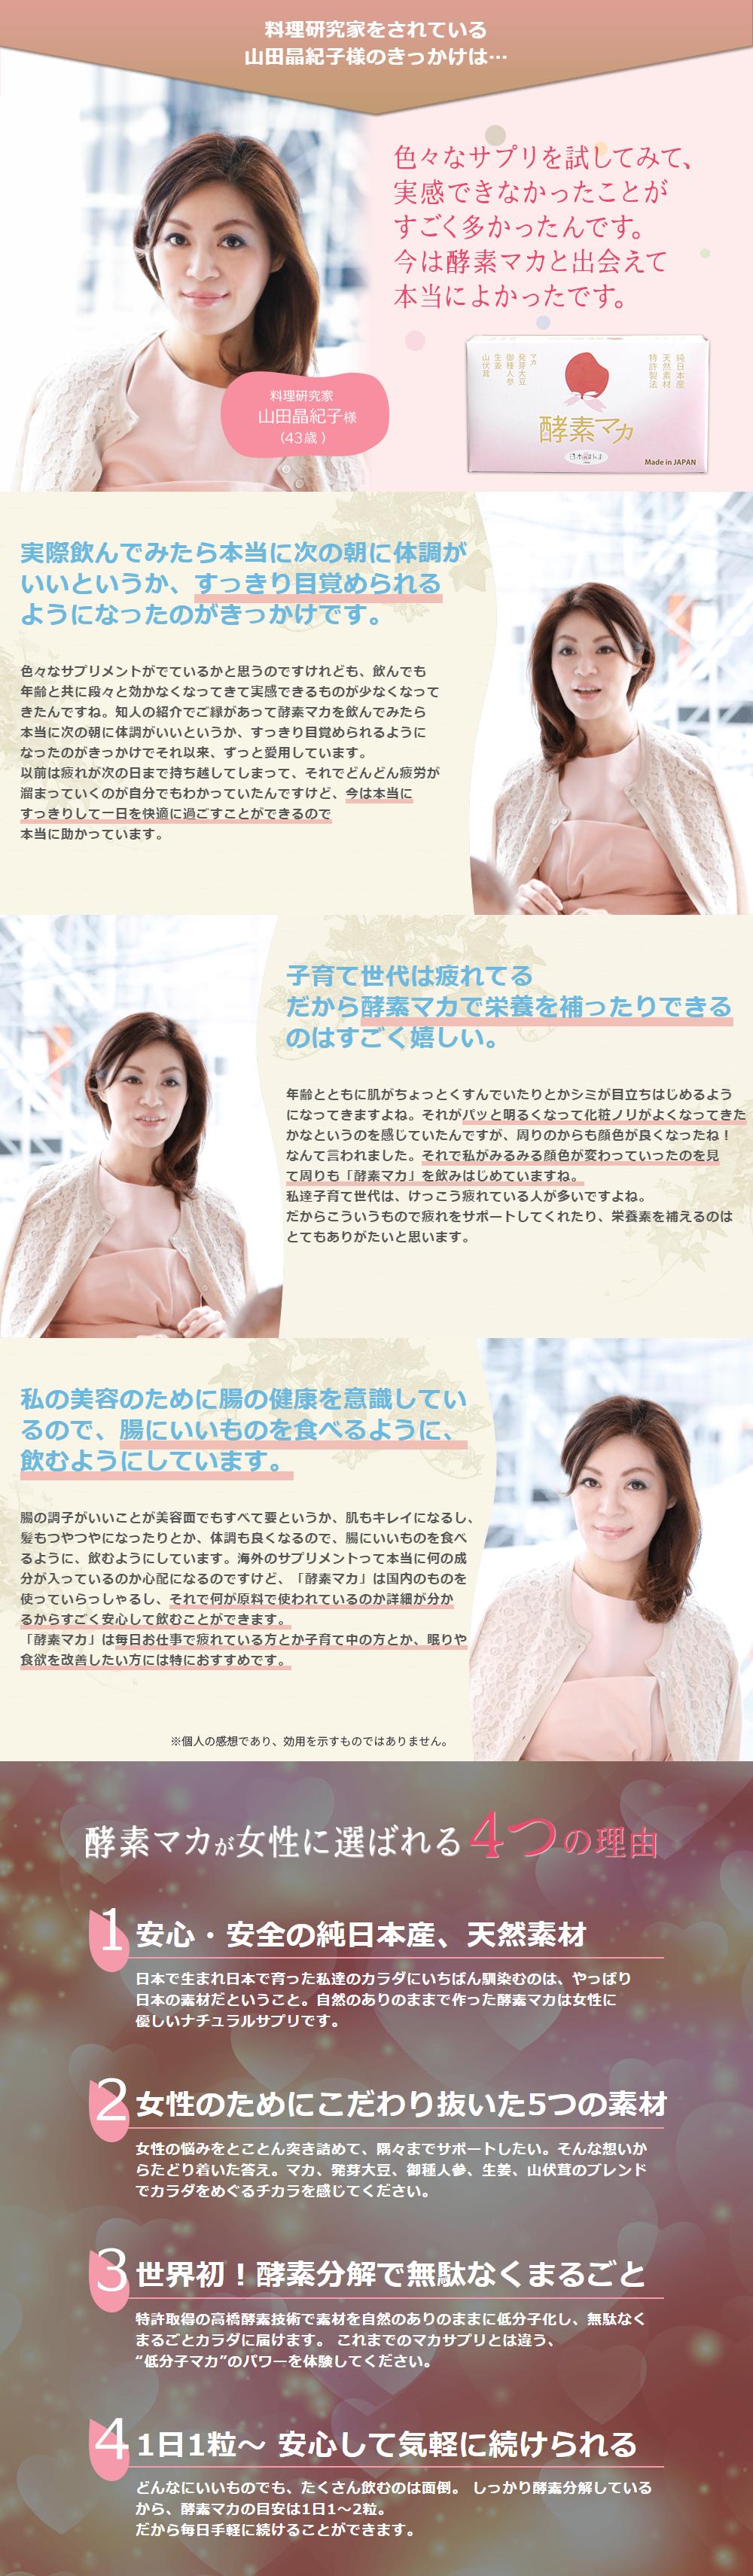 ママ活・妊活サプリ【酵素マカ】の効果と実績について06